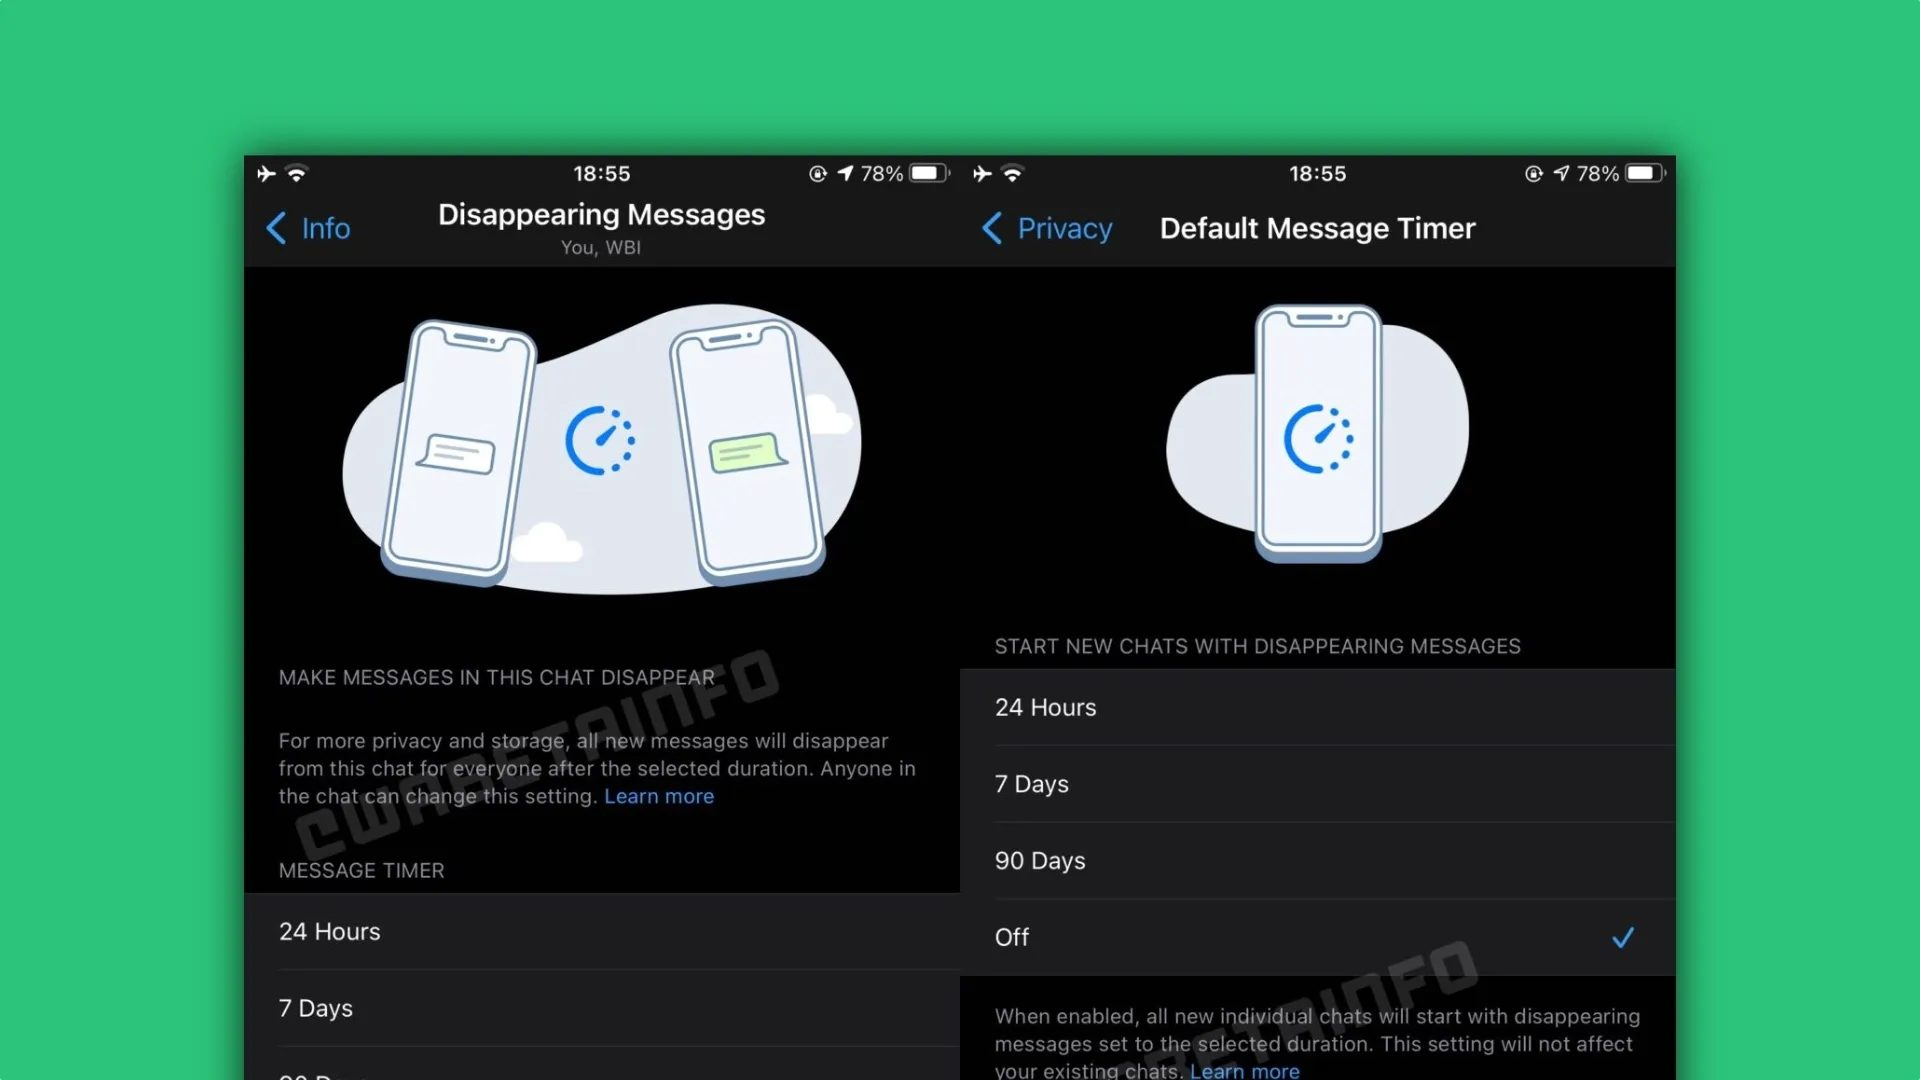 الجديد في تحديث واتساب لنظام iOS: إضافة خاصية الرسائل ذاتية الاختفاء وفقاعات الدردشة المعاد تصميمها